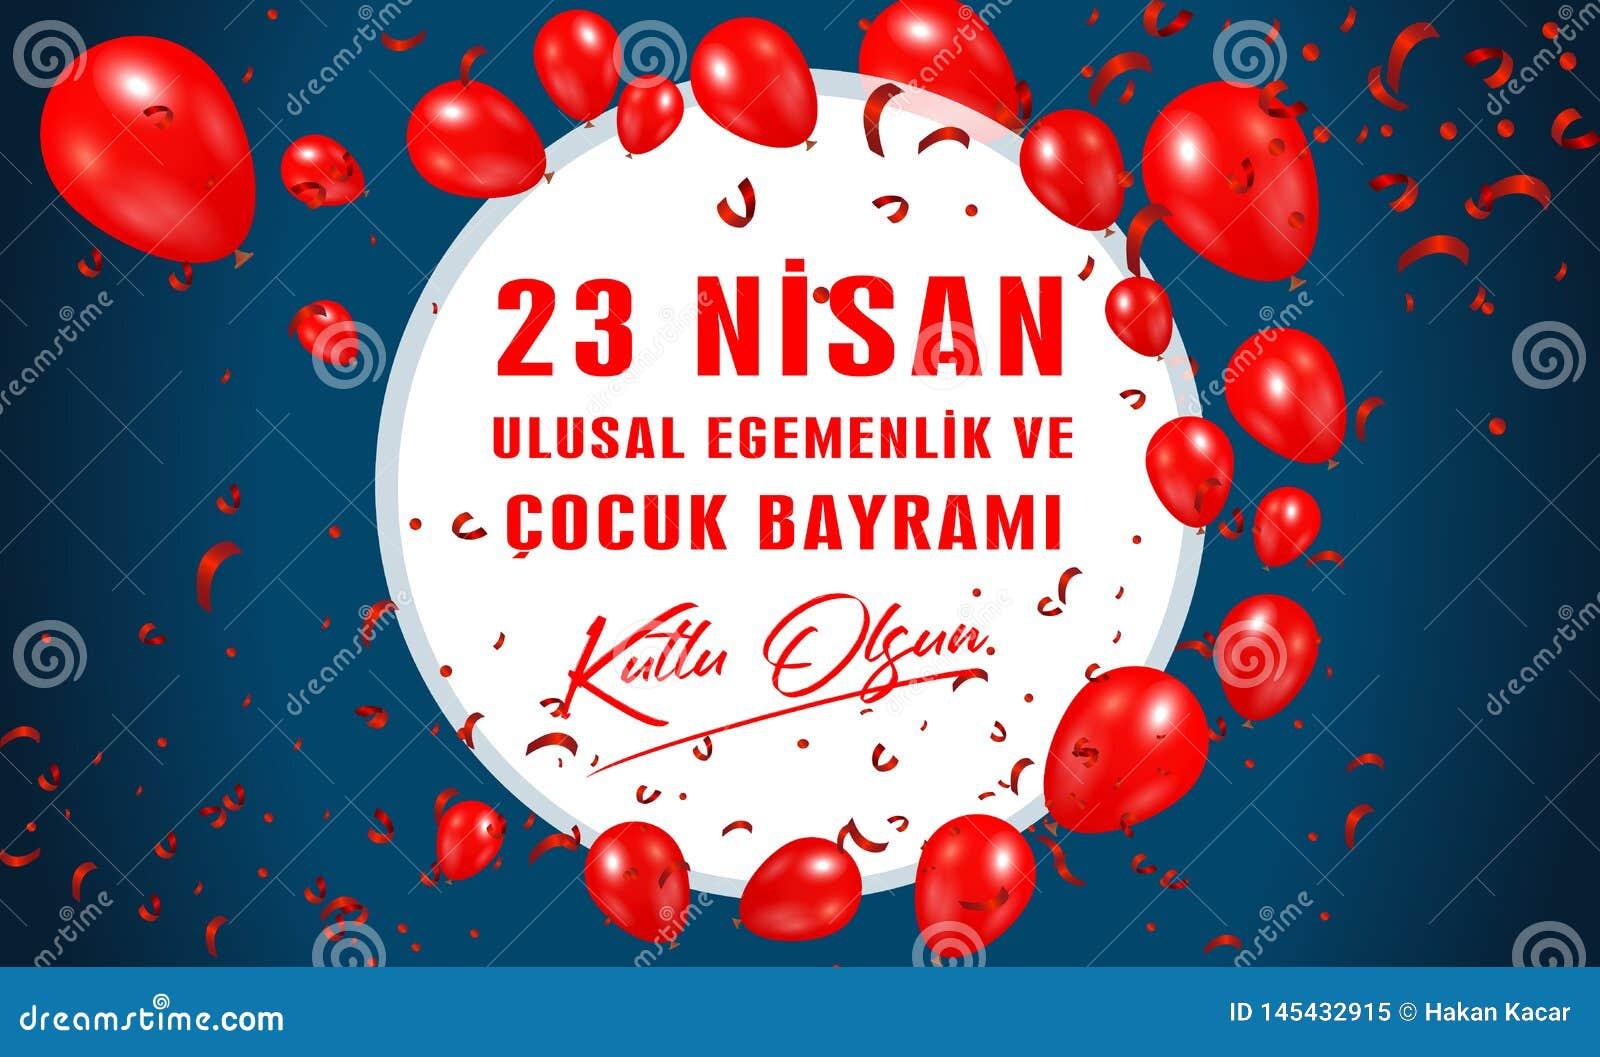 Illustration de vecteur du bayrami 23 de cocuk nisan, traduction : La souverainet? nationale du 23 avril turc et le jour des enfa